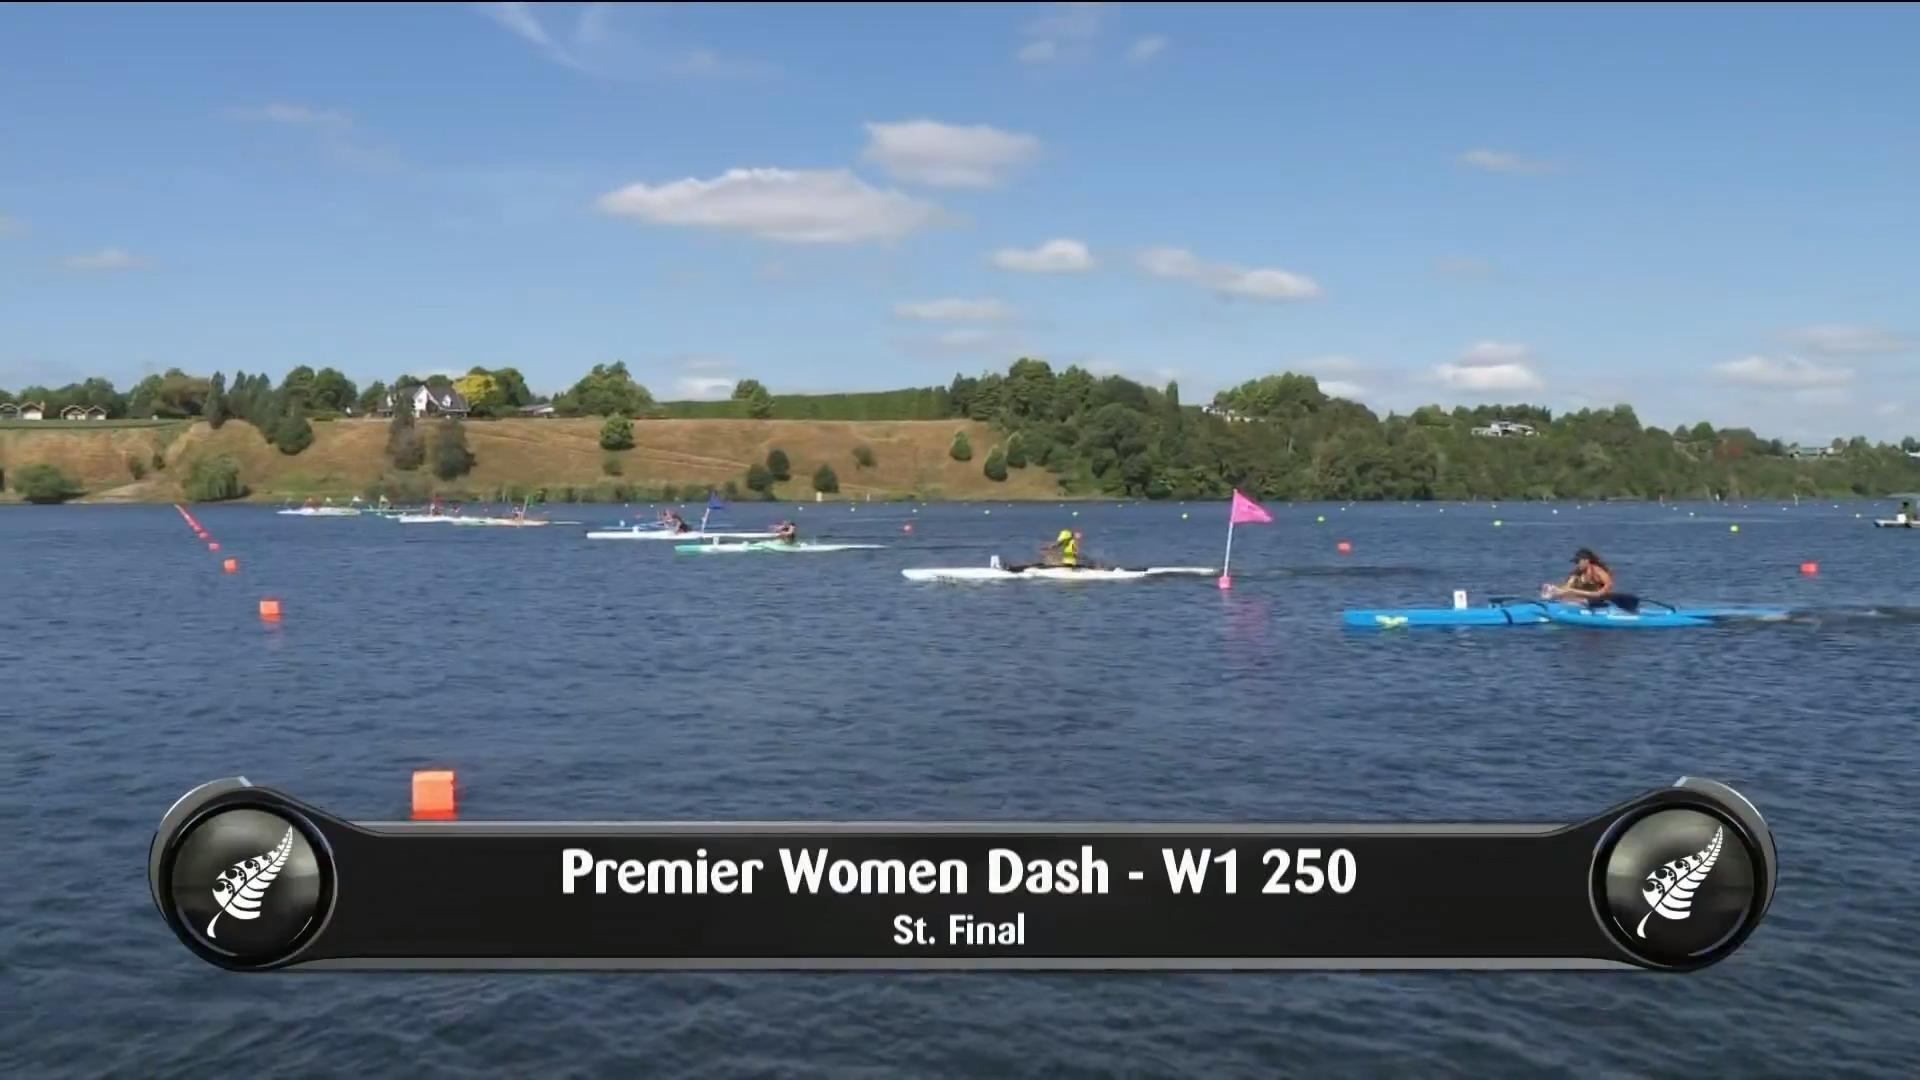 Video for 2019 Waka Ama Sprints - Premier Women Dash - W1 250 St.Final